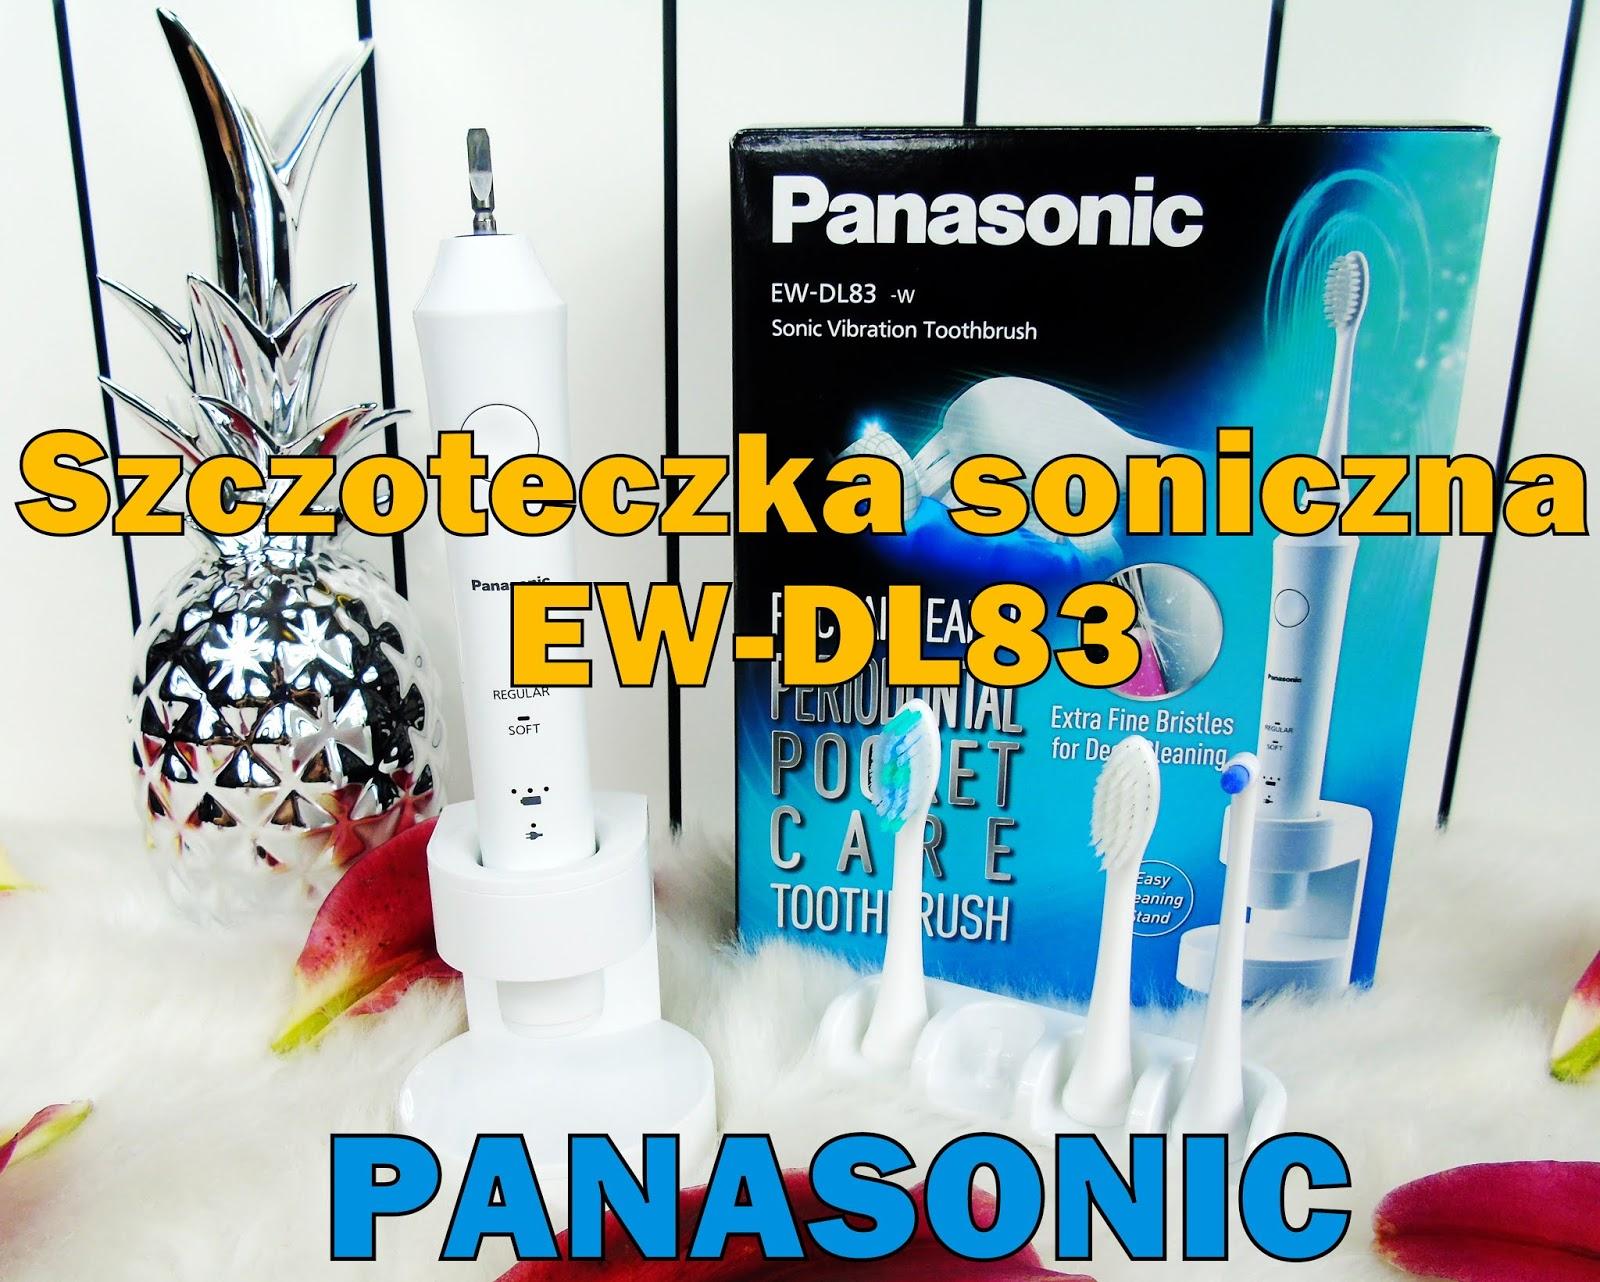 Blog testerski: Panasonic EW-DL83 - Szczoteczka z technologią soniczną, którą pokochacie!